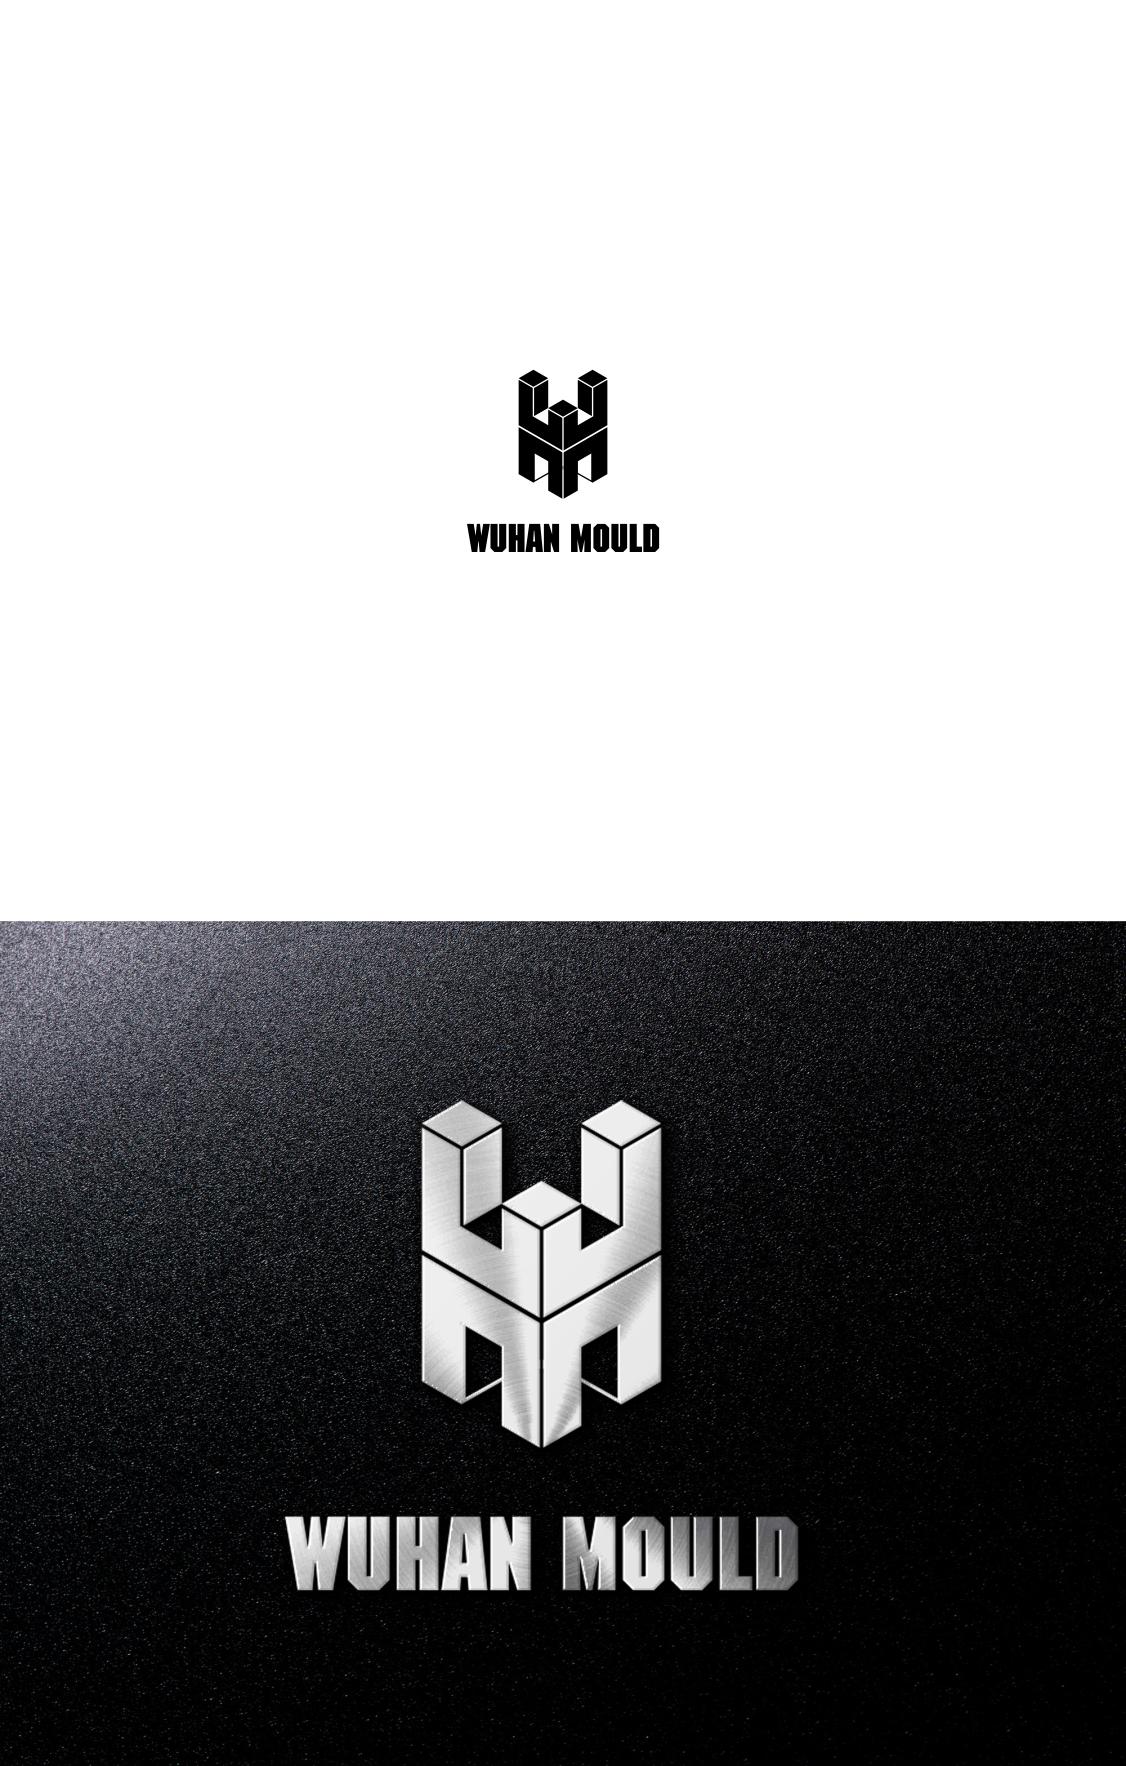 Создать логотип для фабрики пресс-форм фото f_7165992d4e26d3f4.png